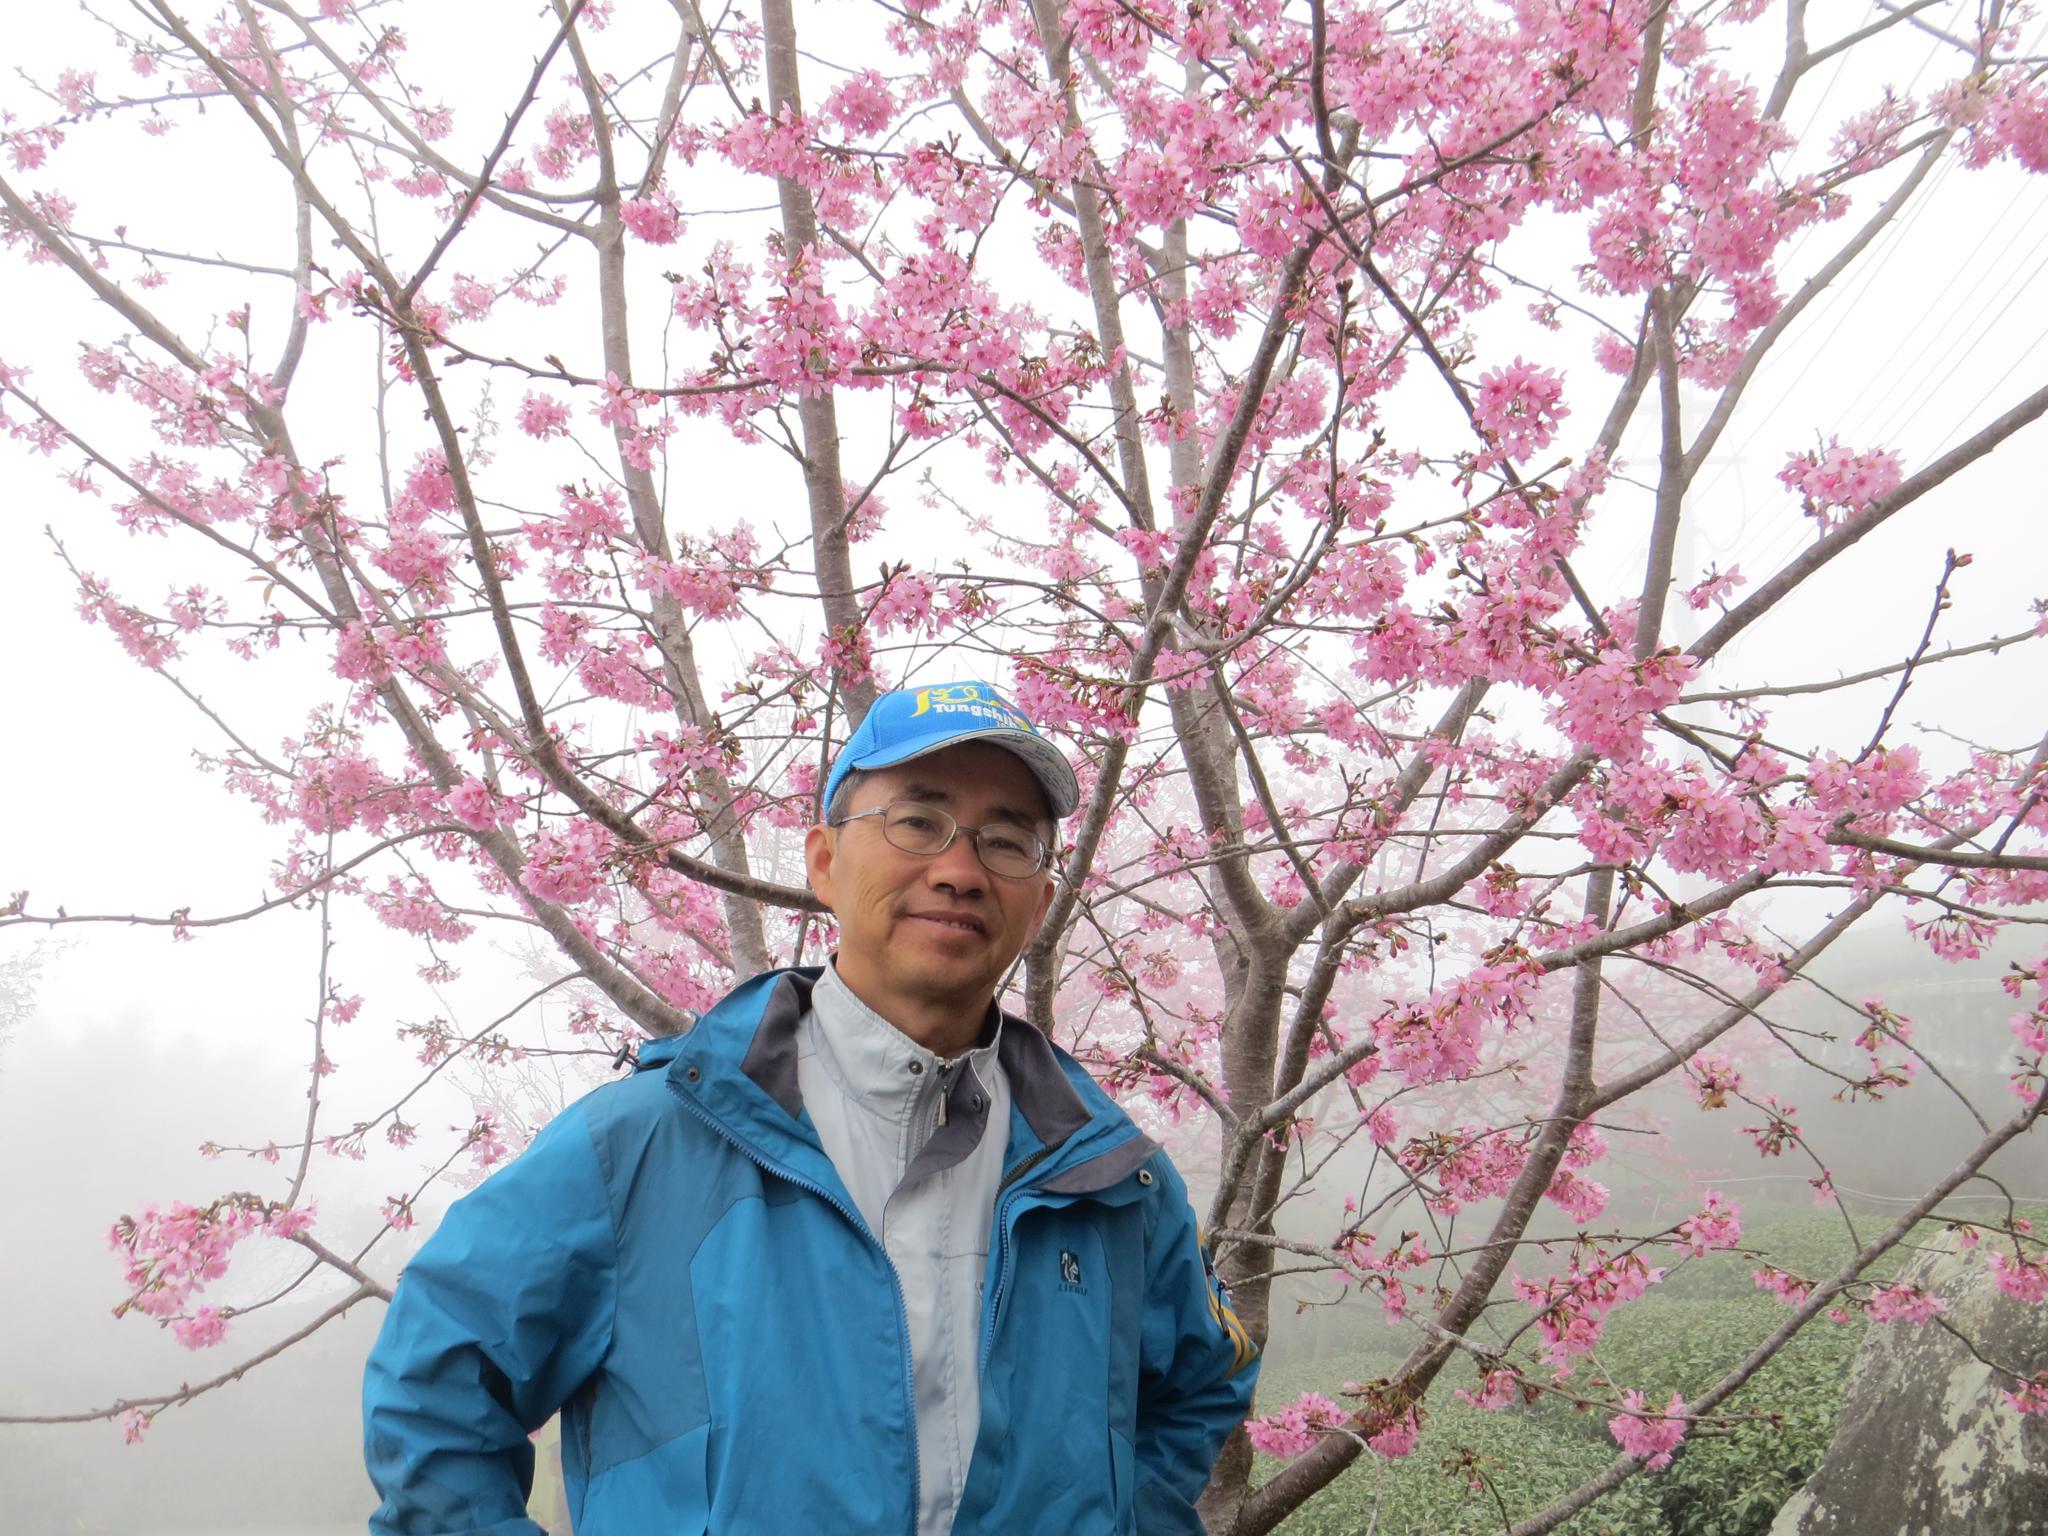 農村社區再造典範   機械系校友謝敏政  無私奉獻打造台灣新桃花源